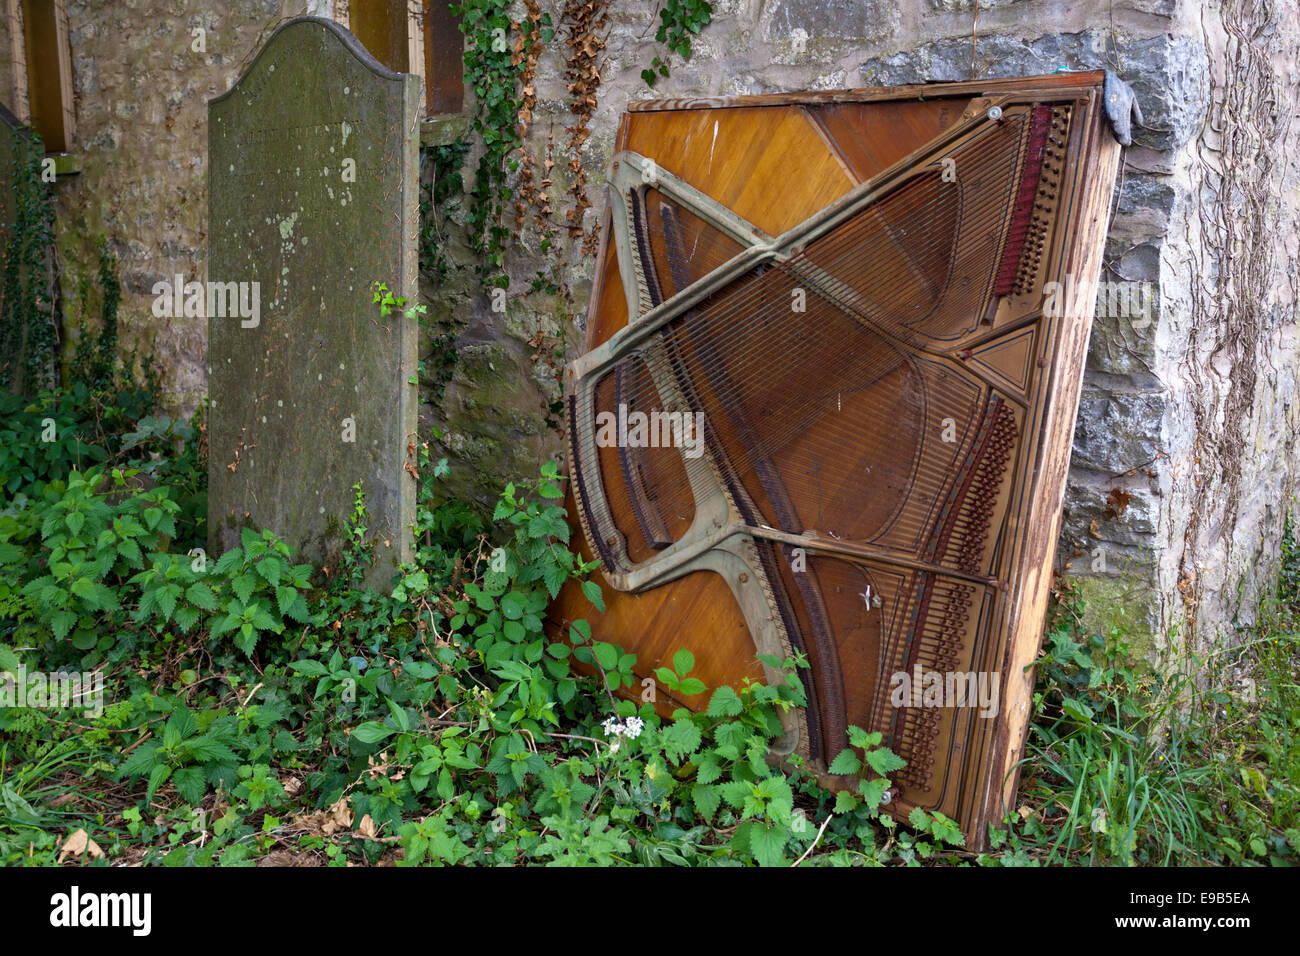 Les vestiges d'un vieux piano droit à l'extérieur faisant l'objet d'un non-conformiste Photo Stock